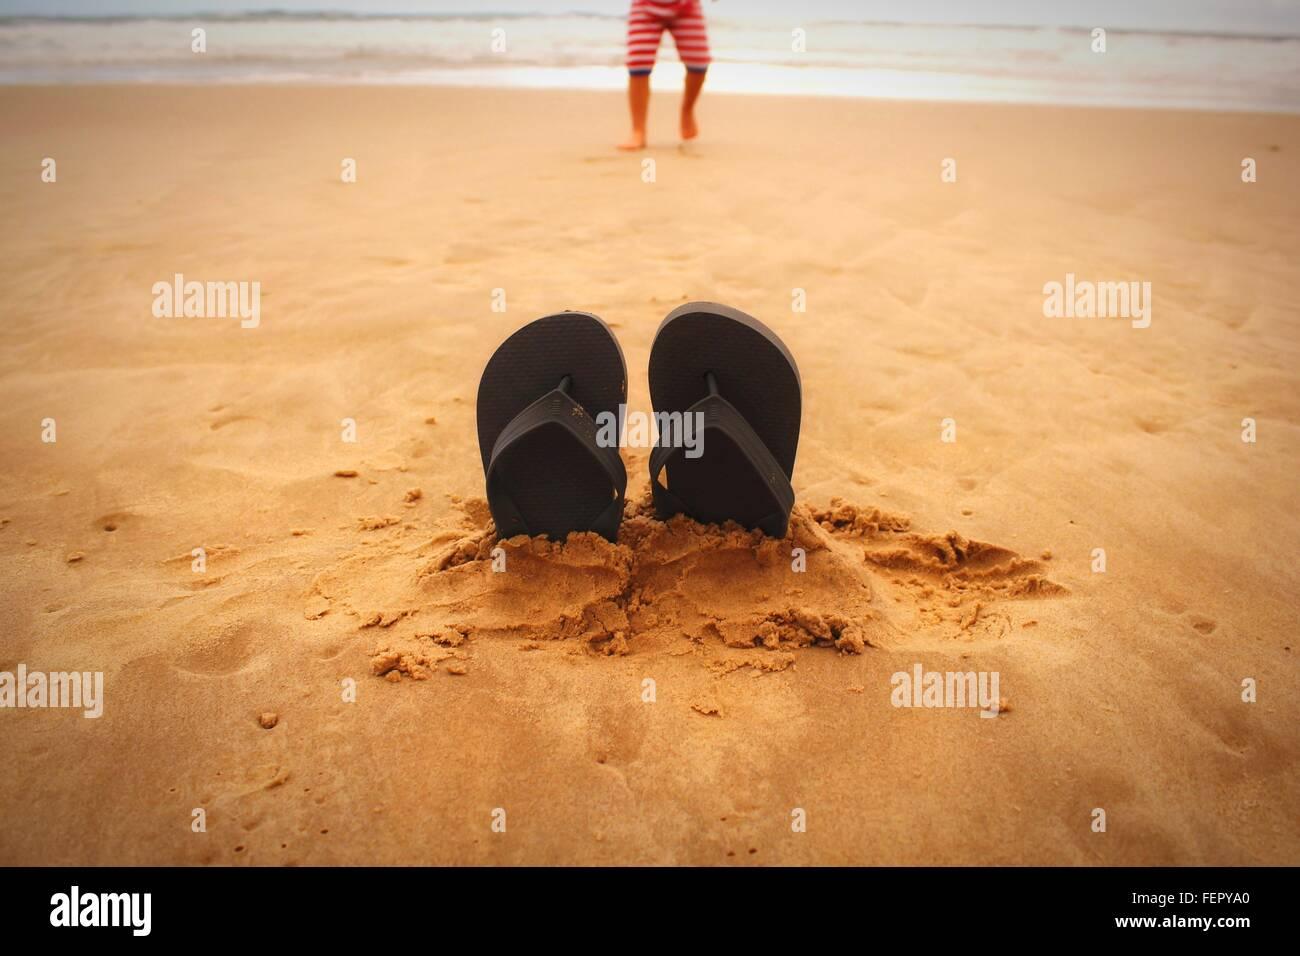 Plan de chaussons sur Sand At Beach Photo Stock